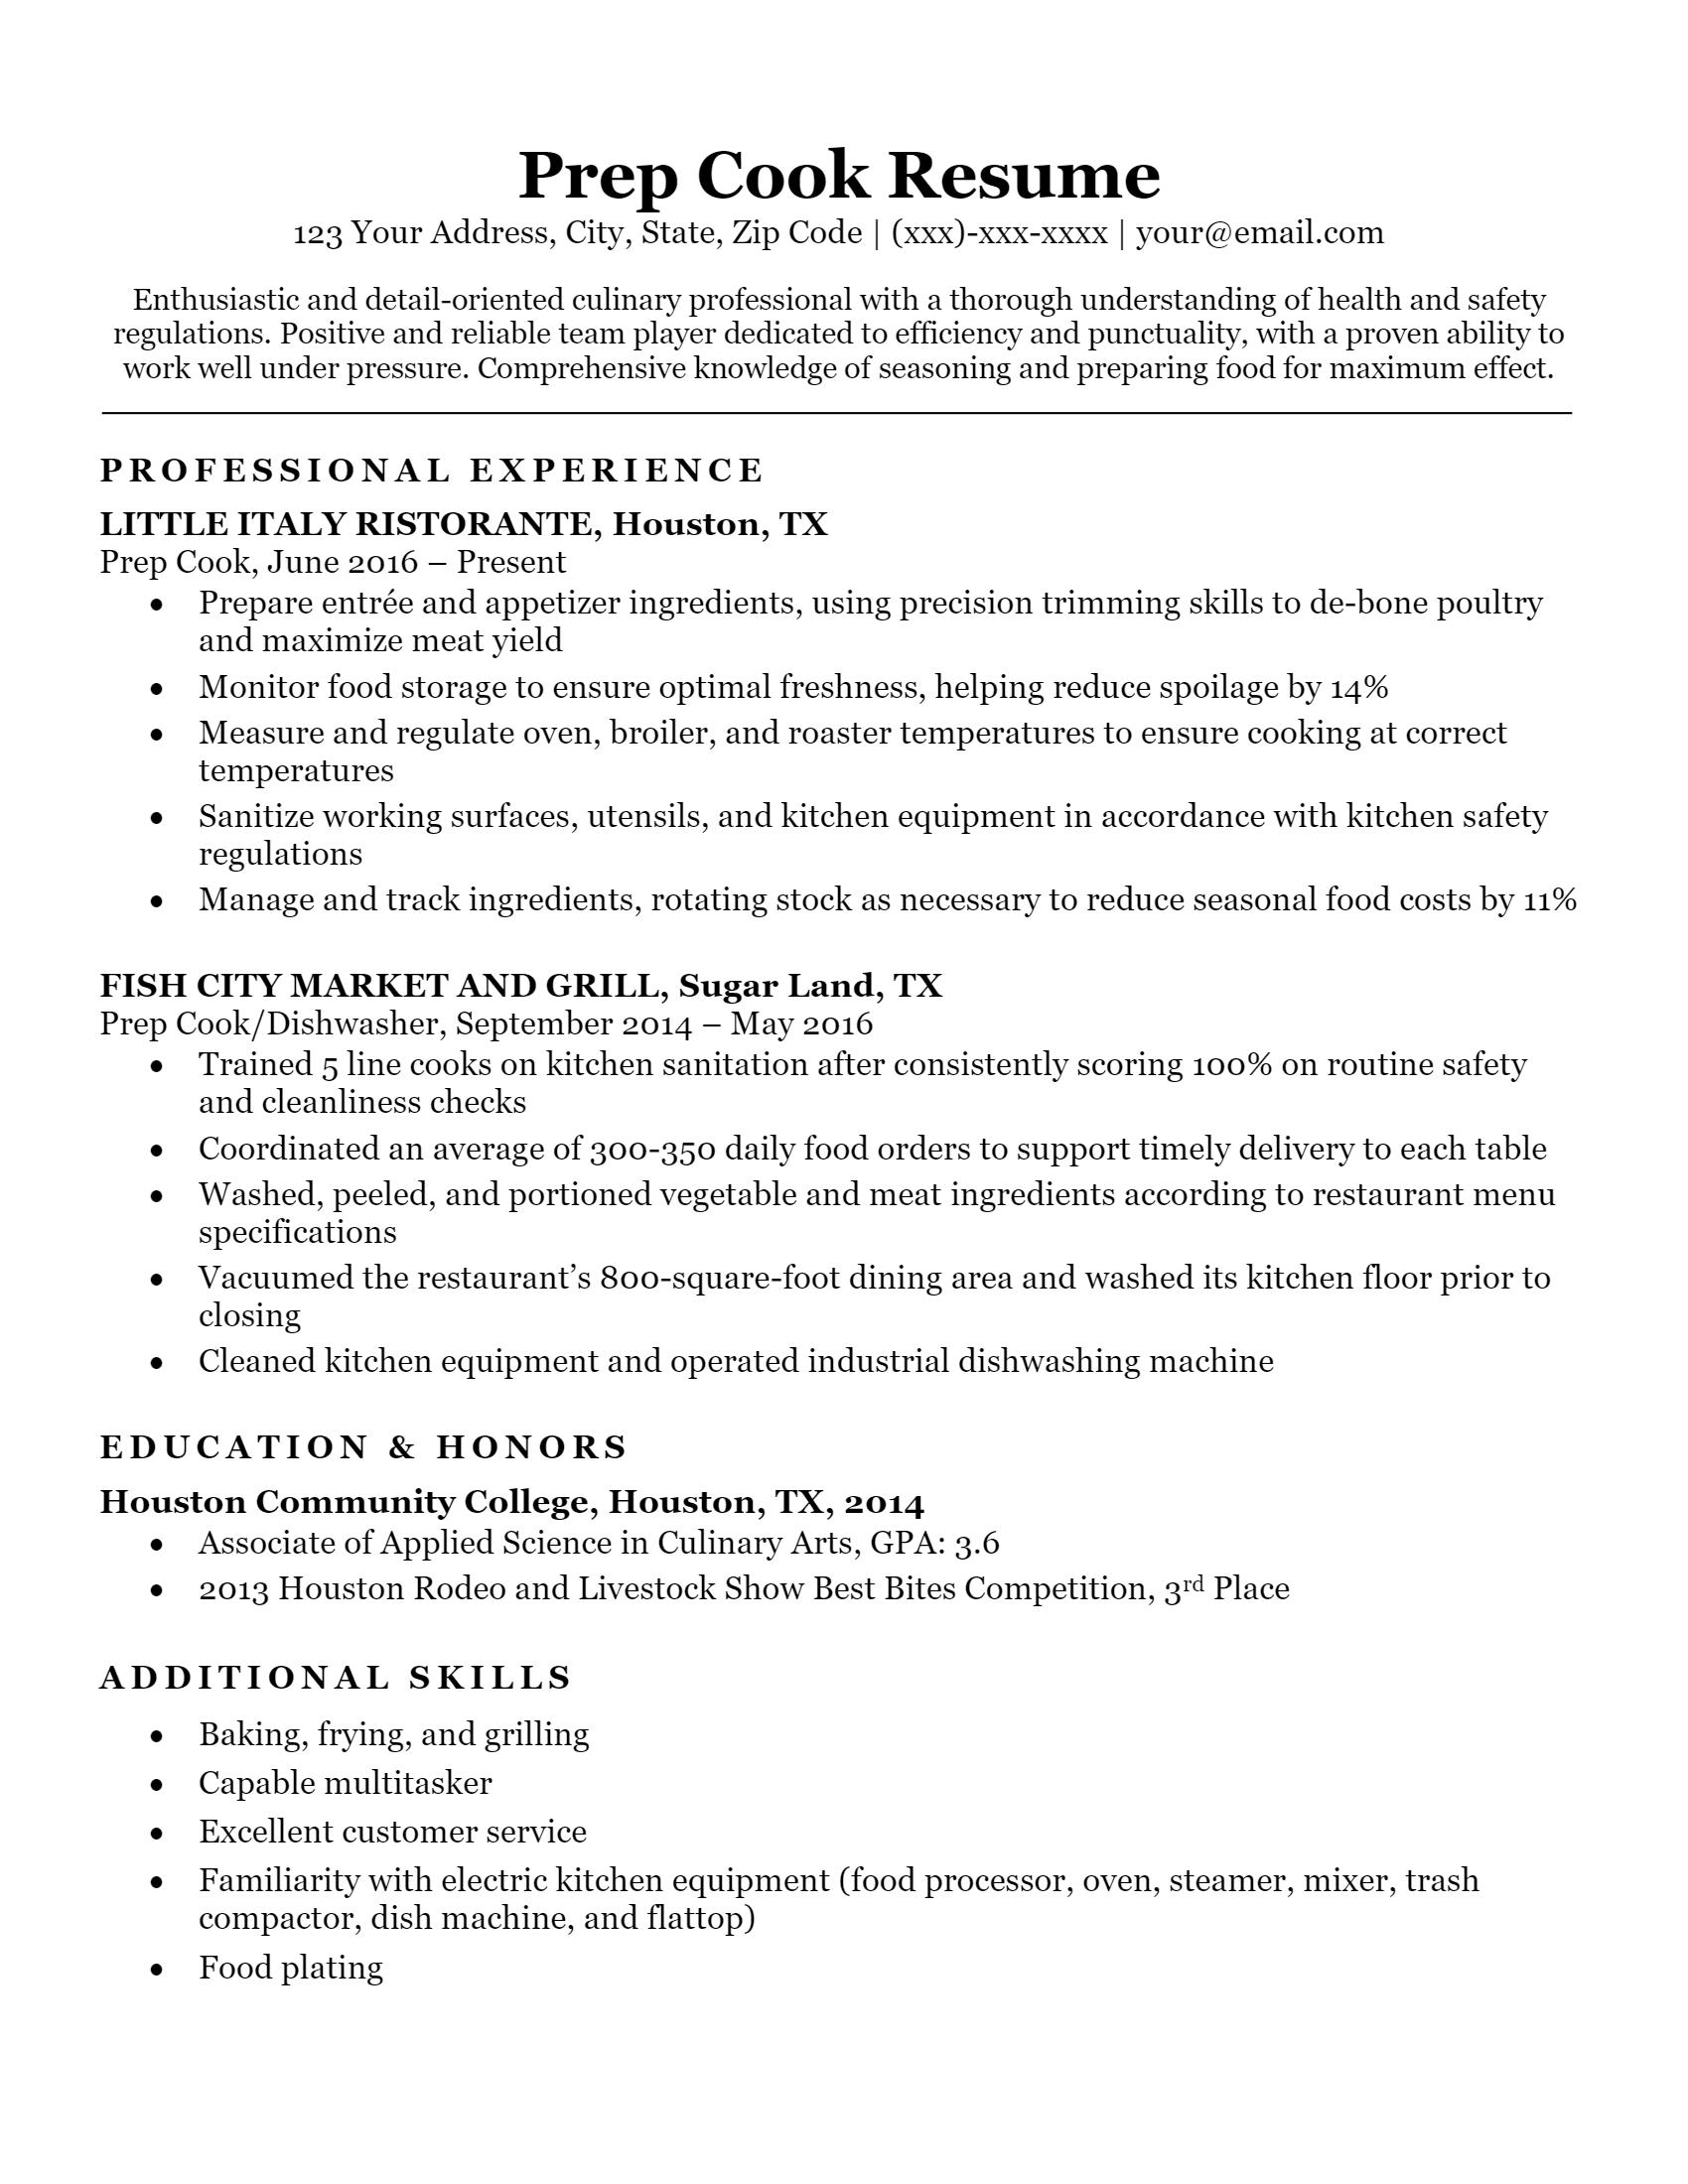 Prep Cook Resume .Docx (Word)